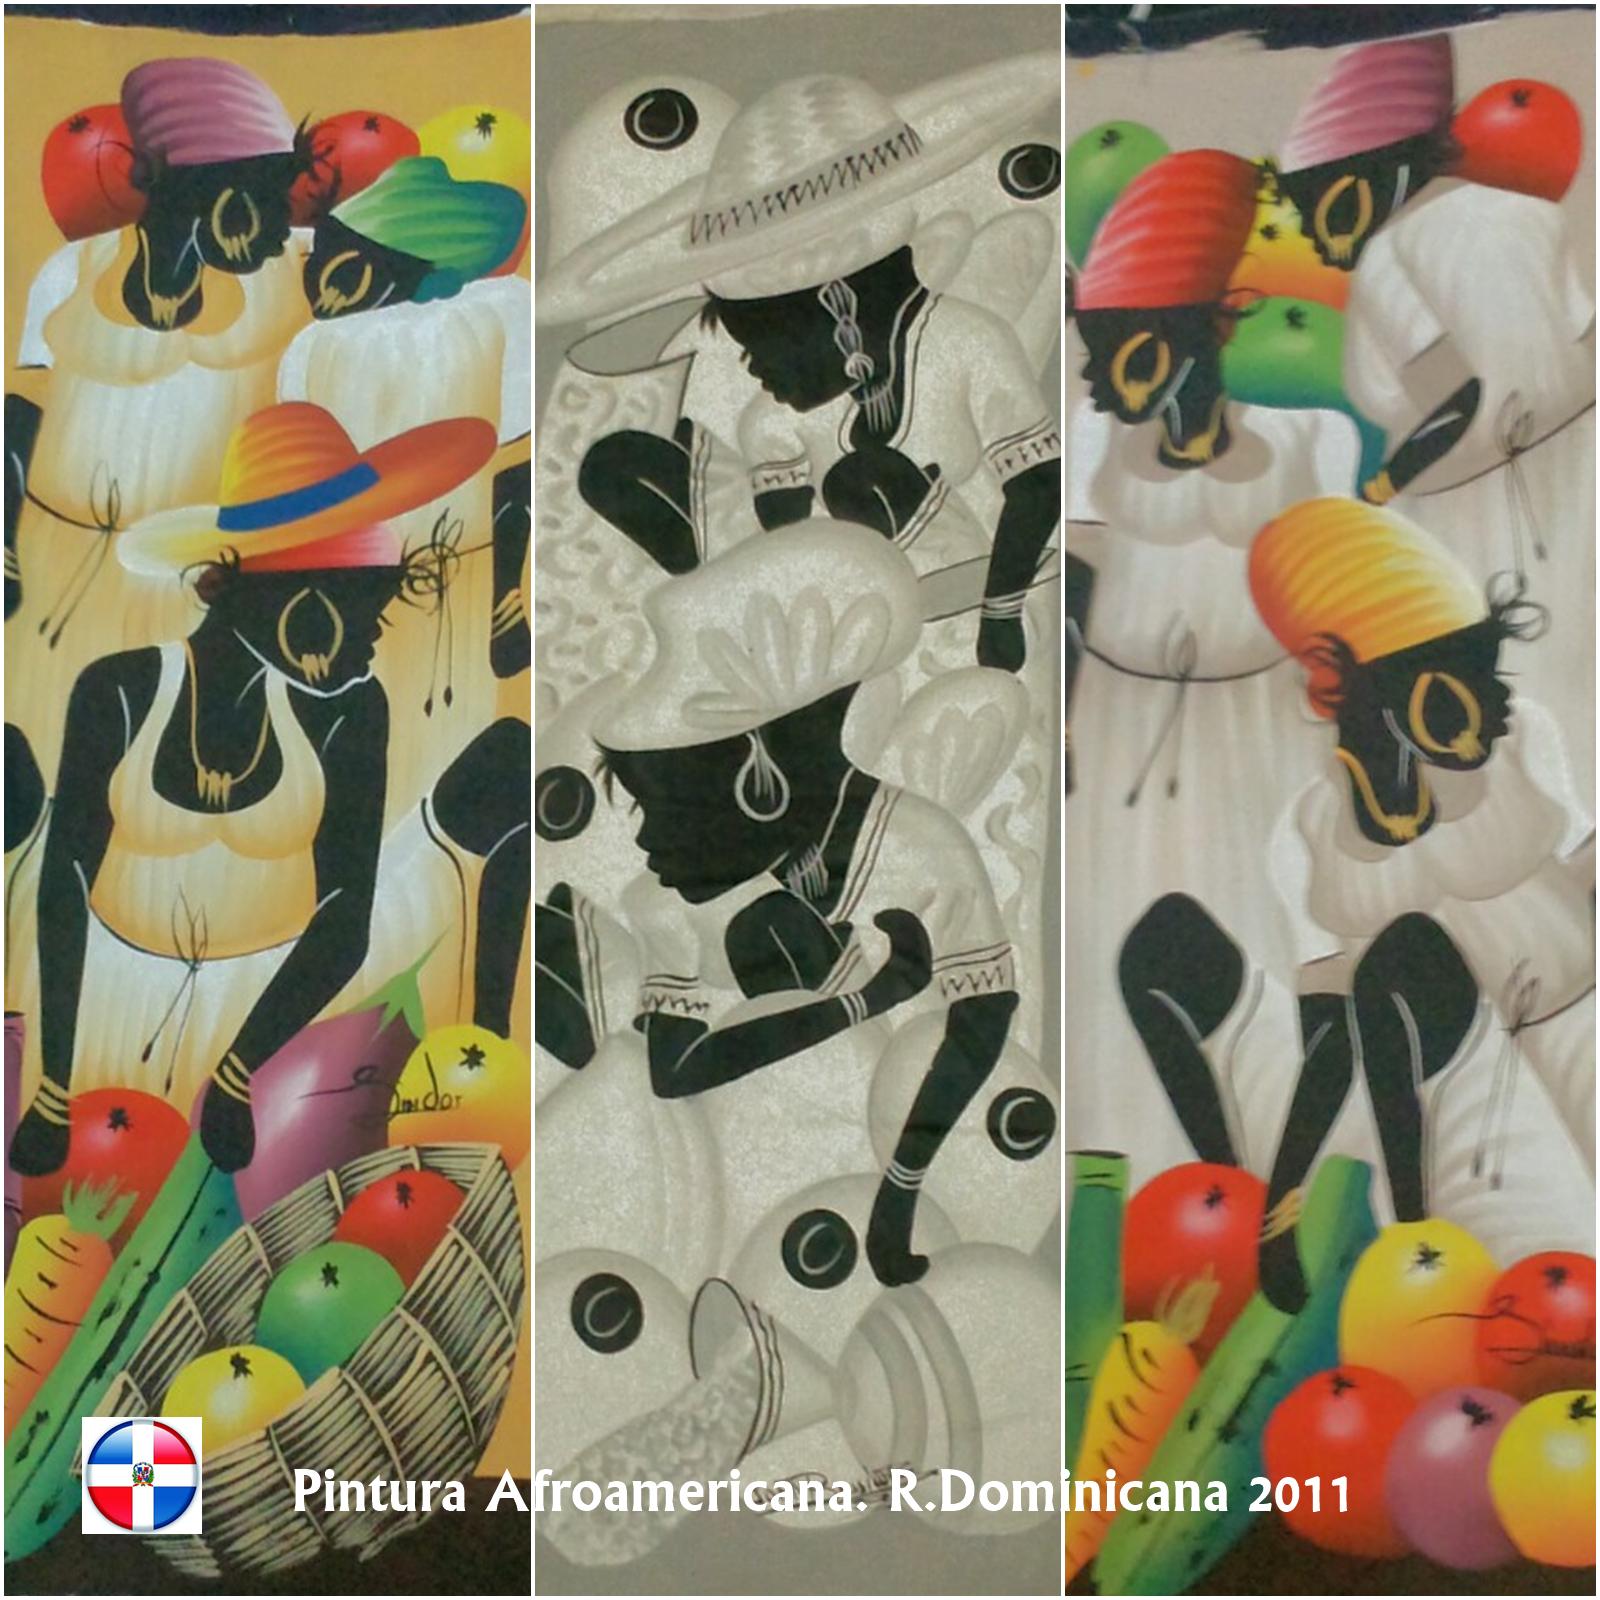 20 pintura afro